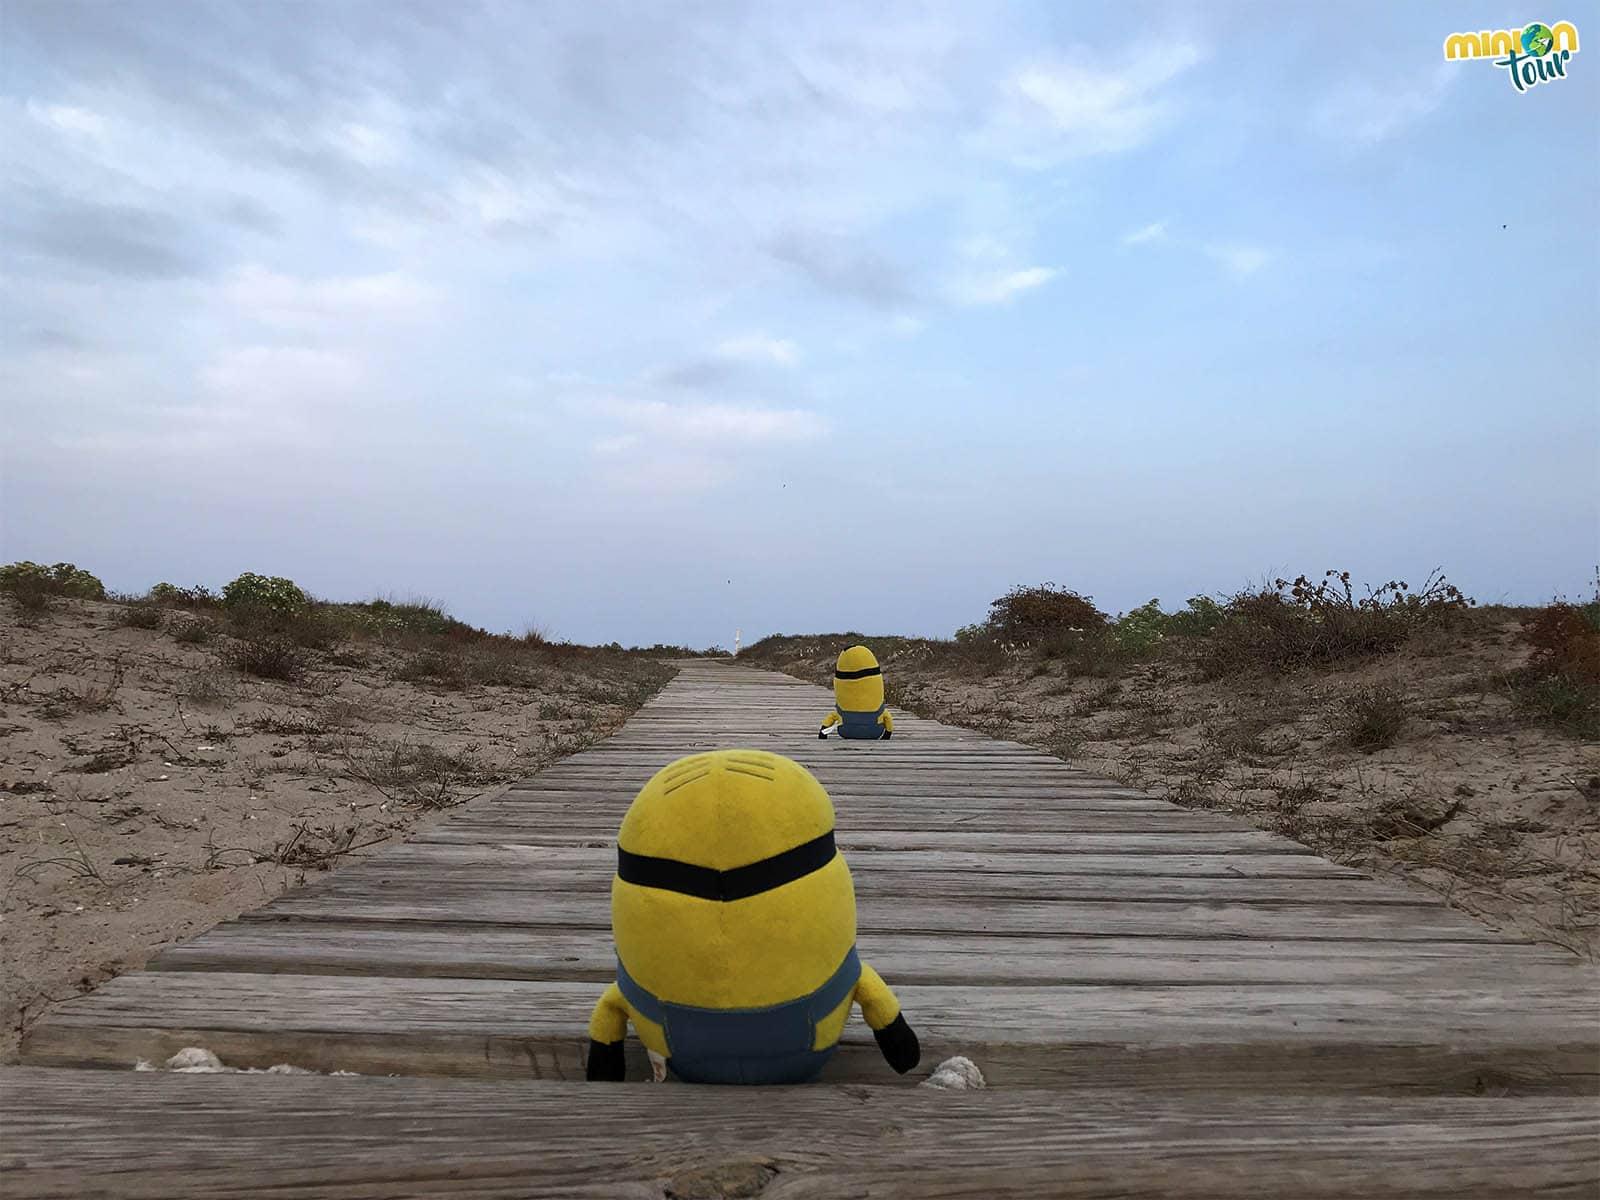 Pasarela de camino a la Playa Almardà de Canet de Berenguer